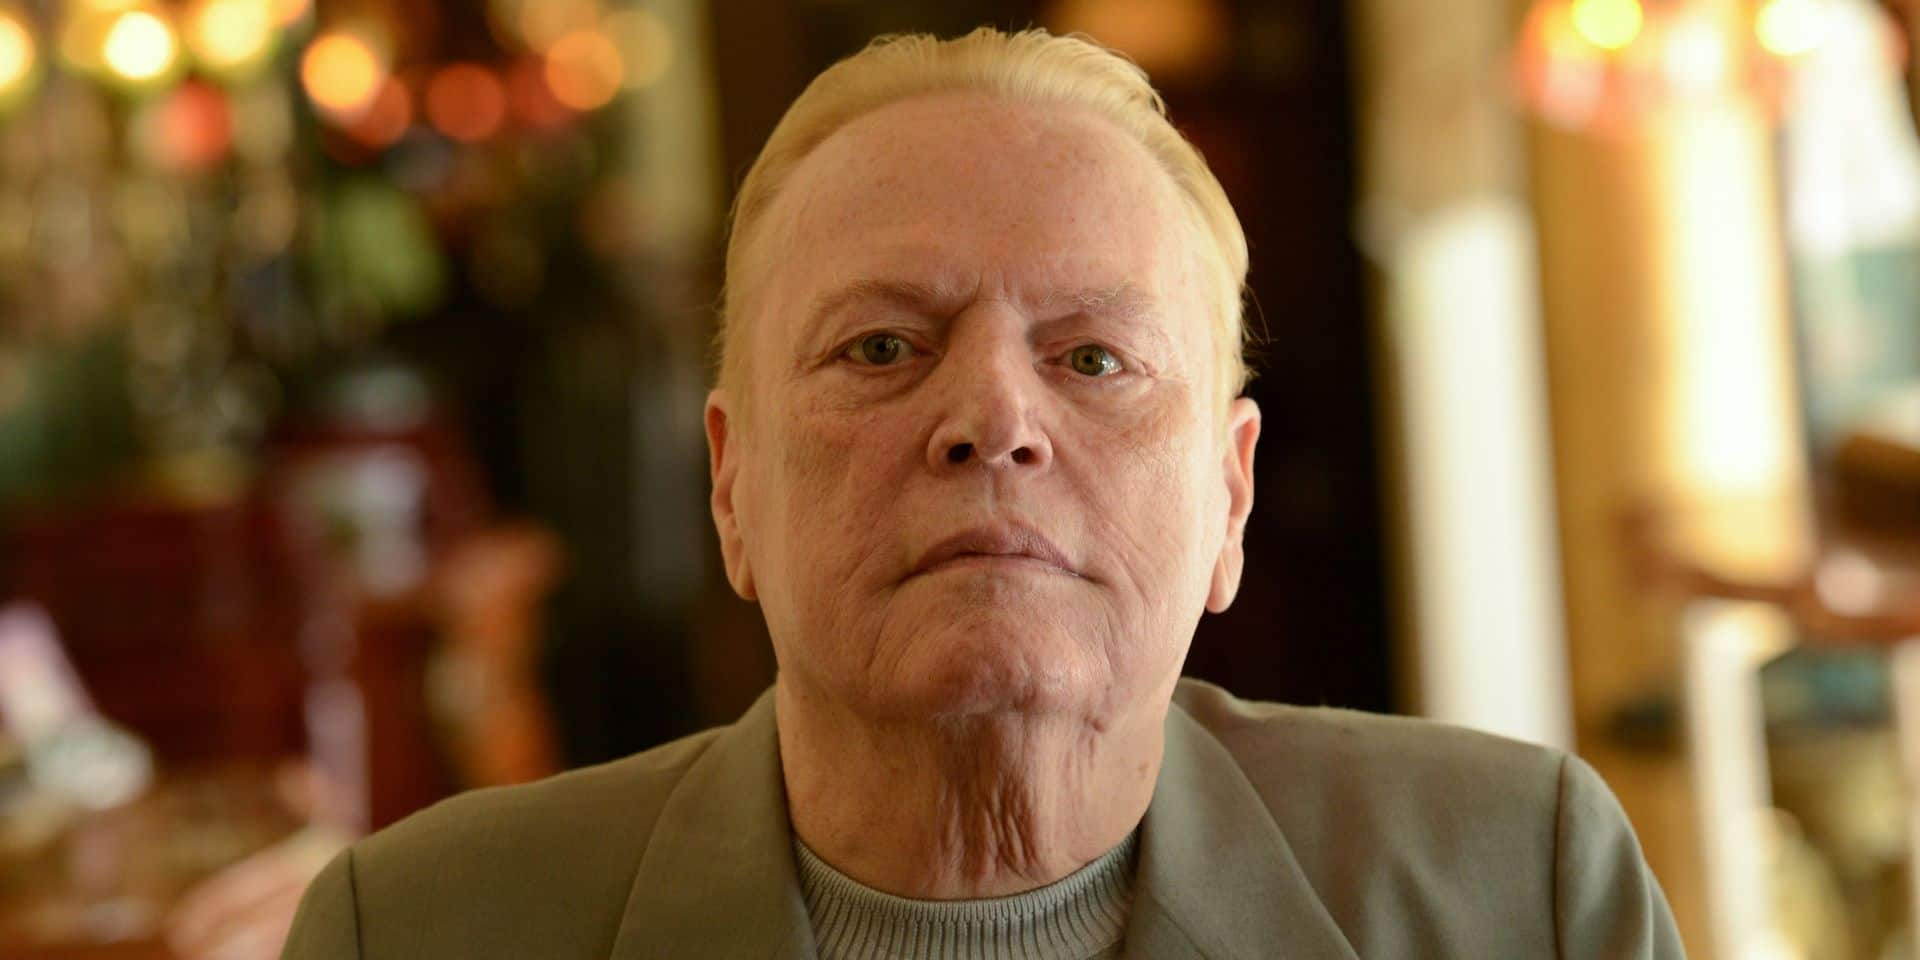 Décès du magnat du porno Larry Flynt à l'âge de 78 ans